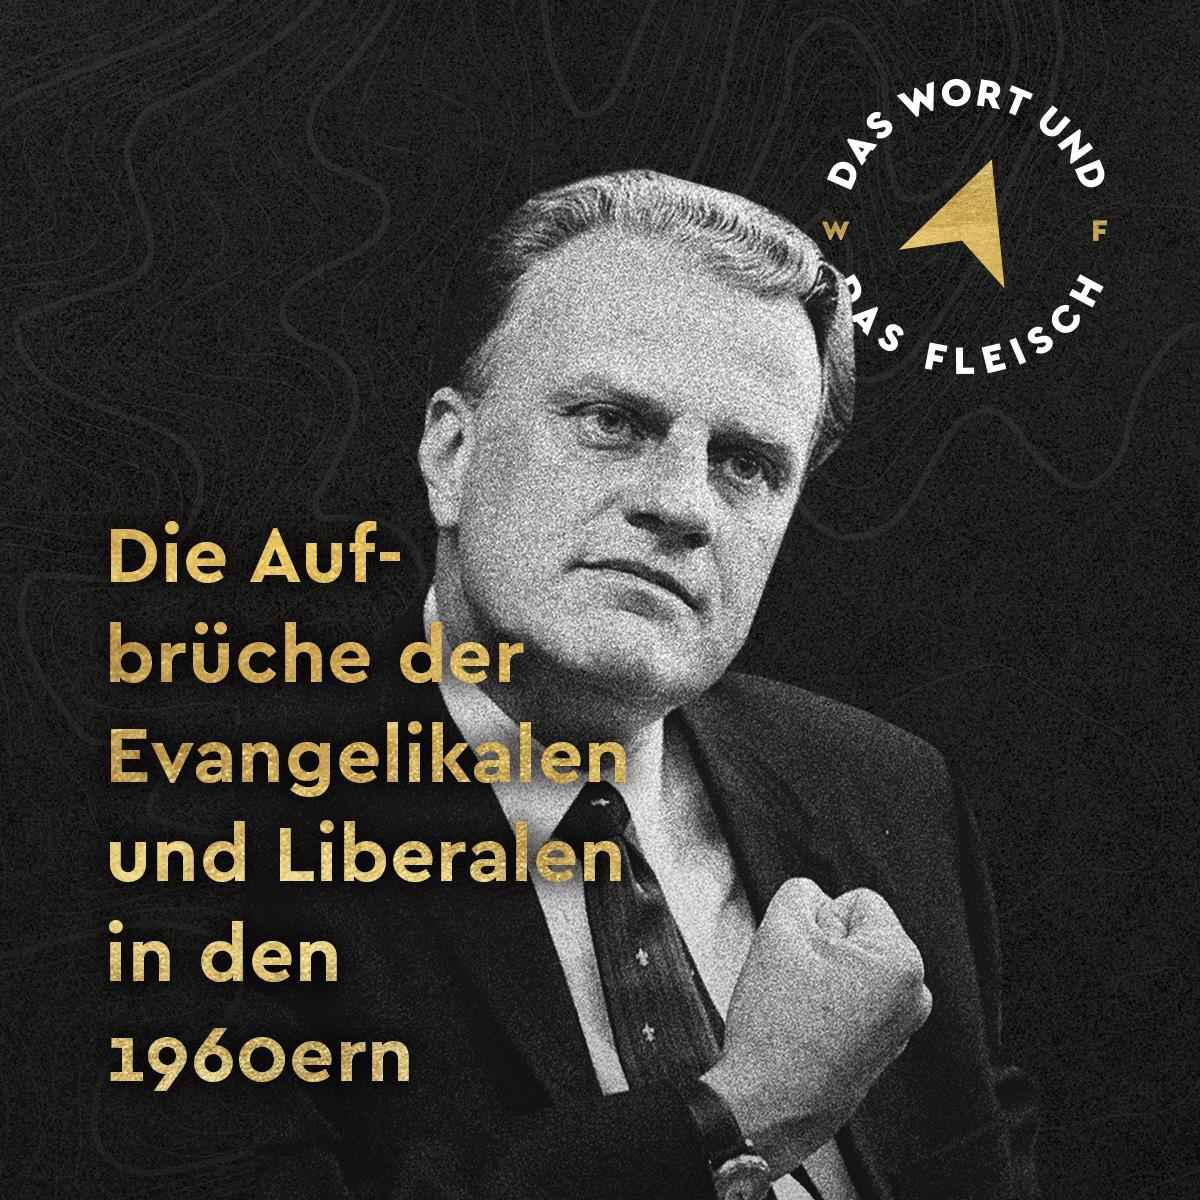 Die Aufbrüche der Evangelikalen und Liberalen in der 1960ern